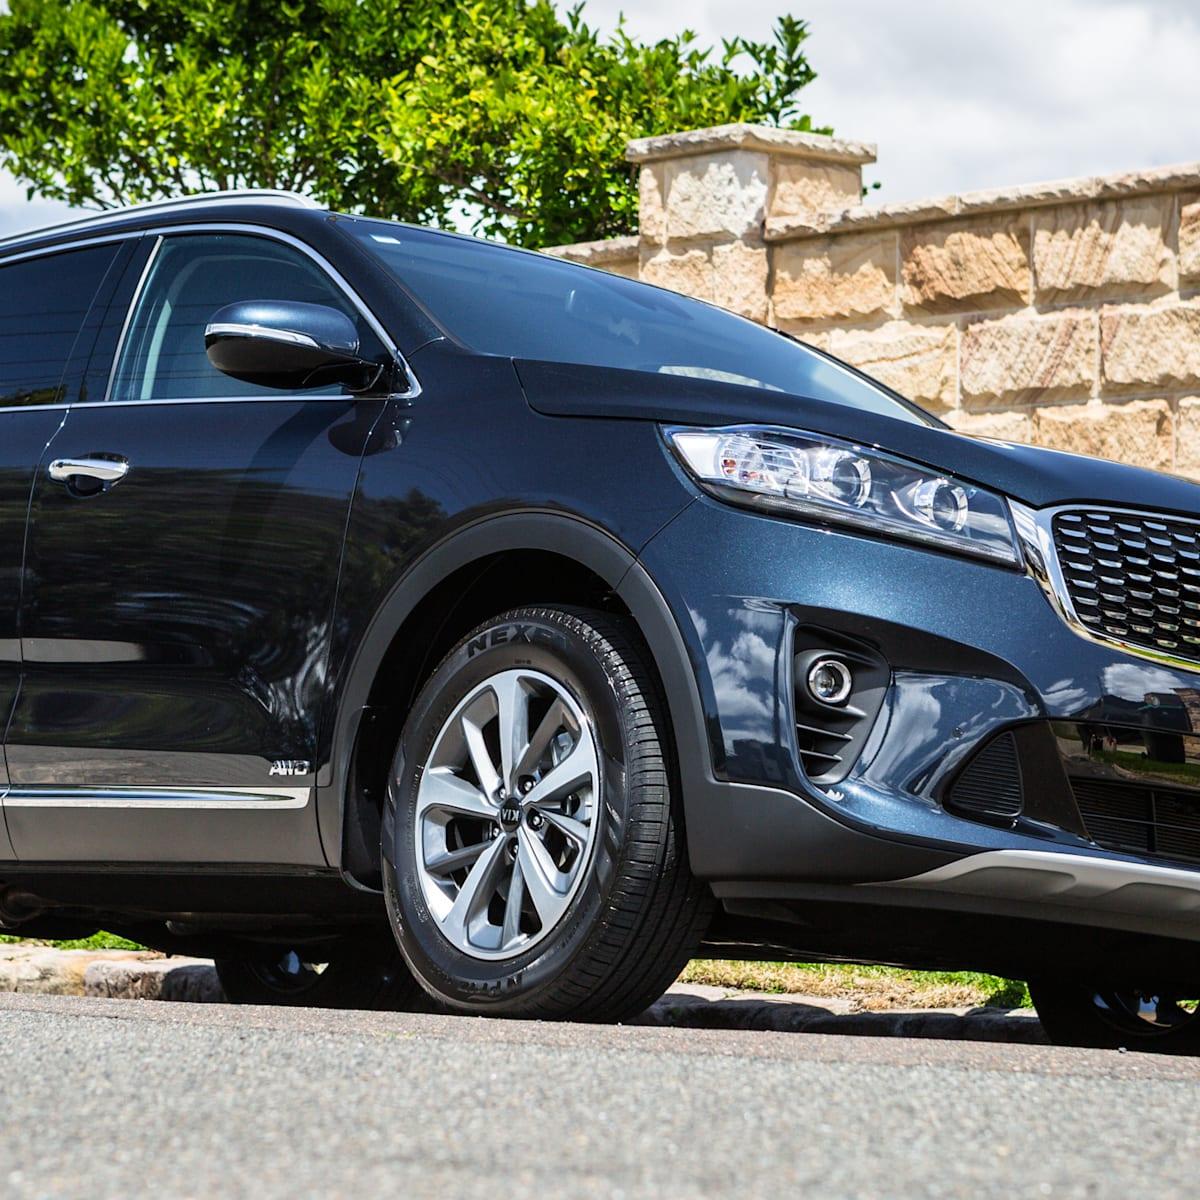 2018 Kia Sorento SLi diesel review   CarAdvice